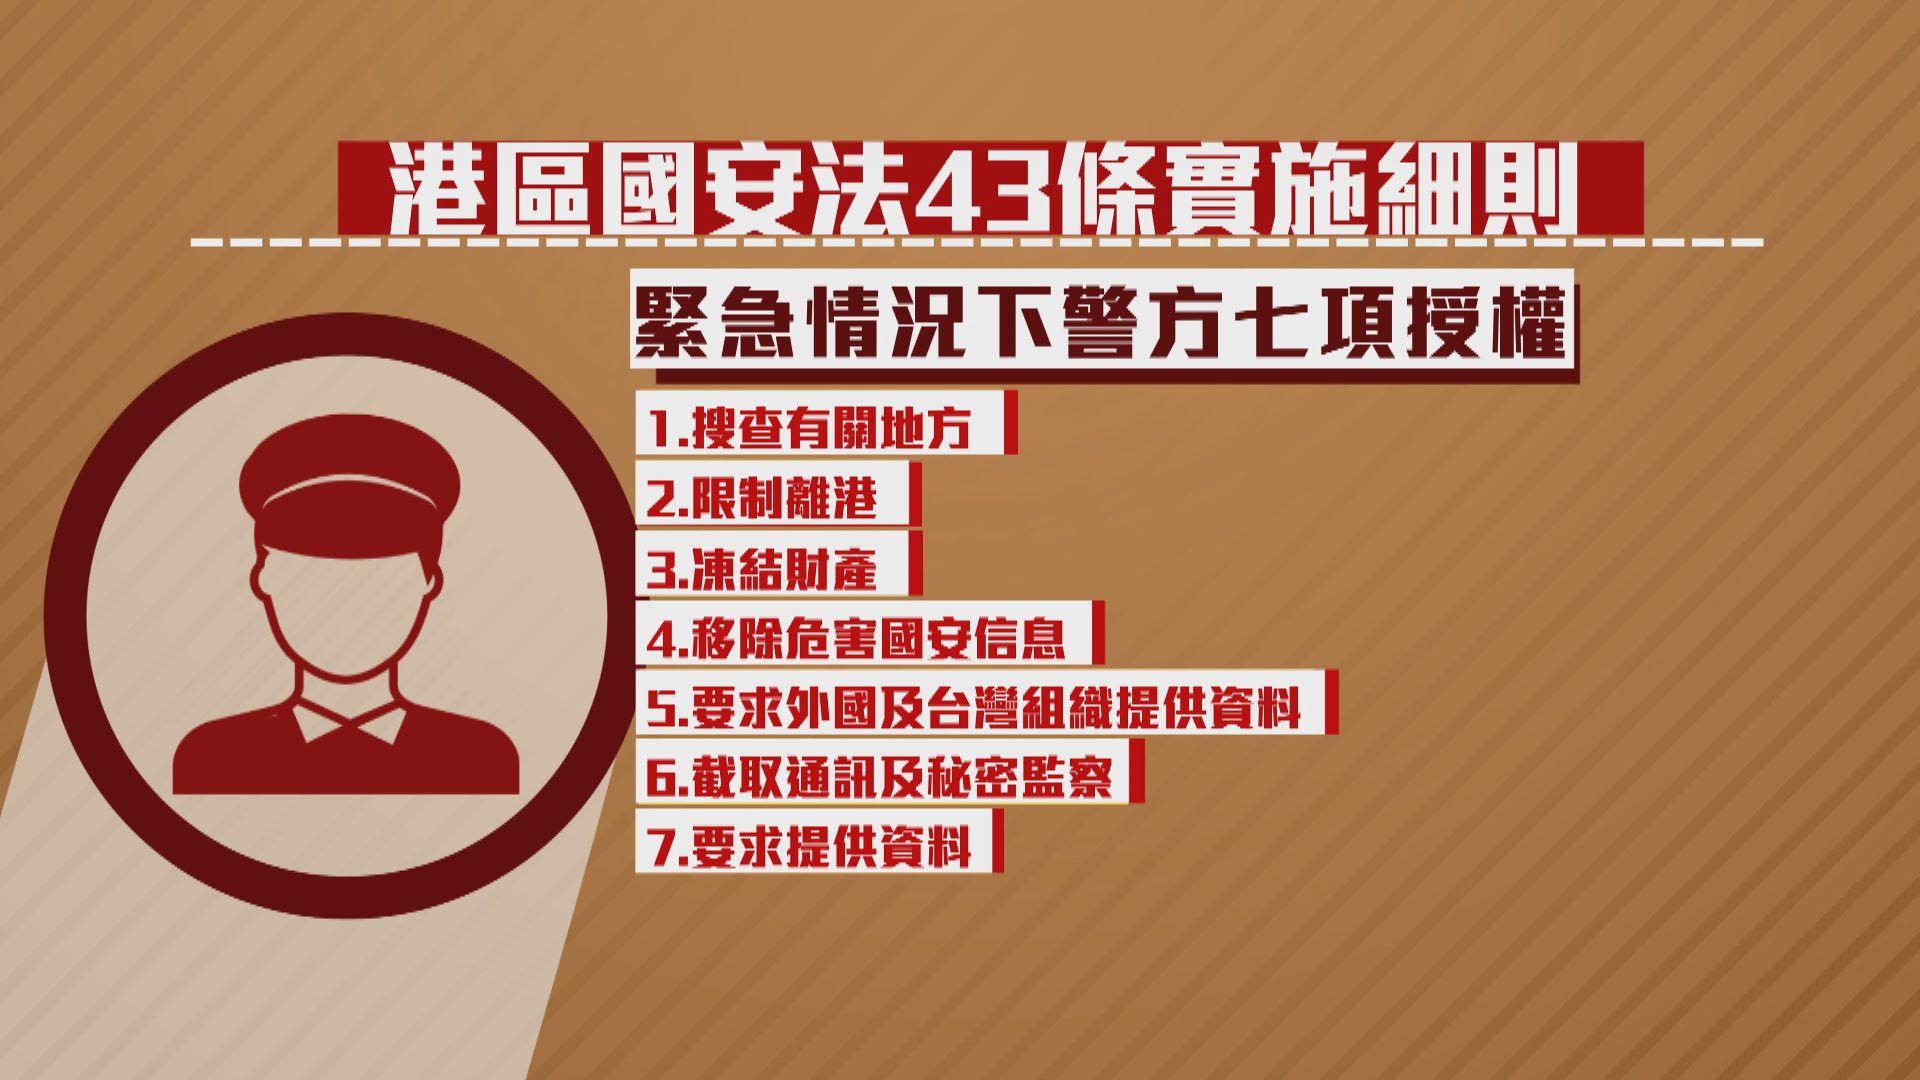 【透析國安法】第43條實施細則—手令、充公財產